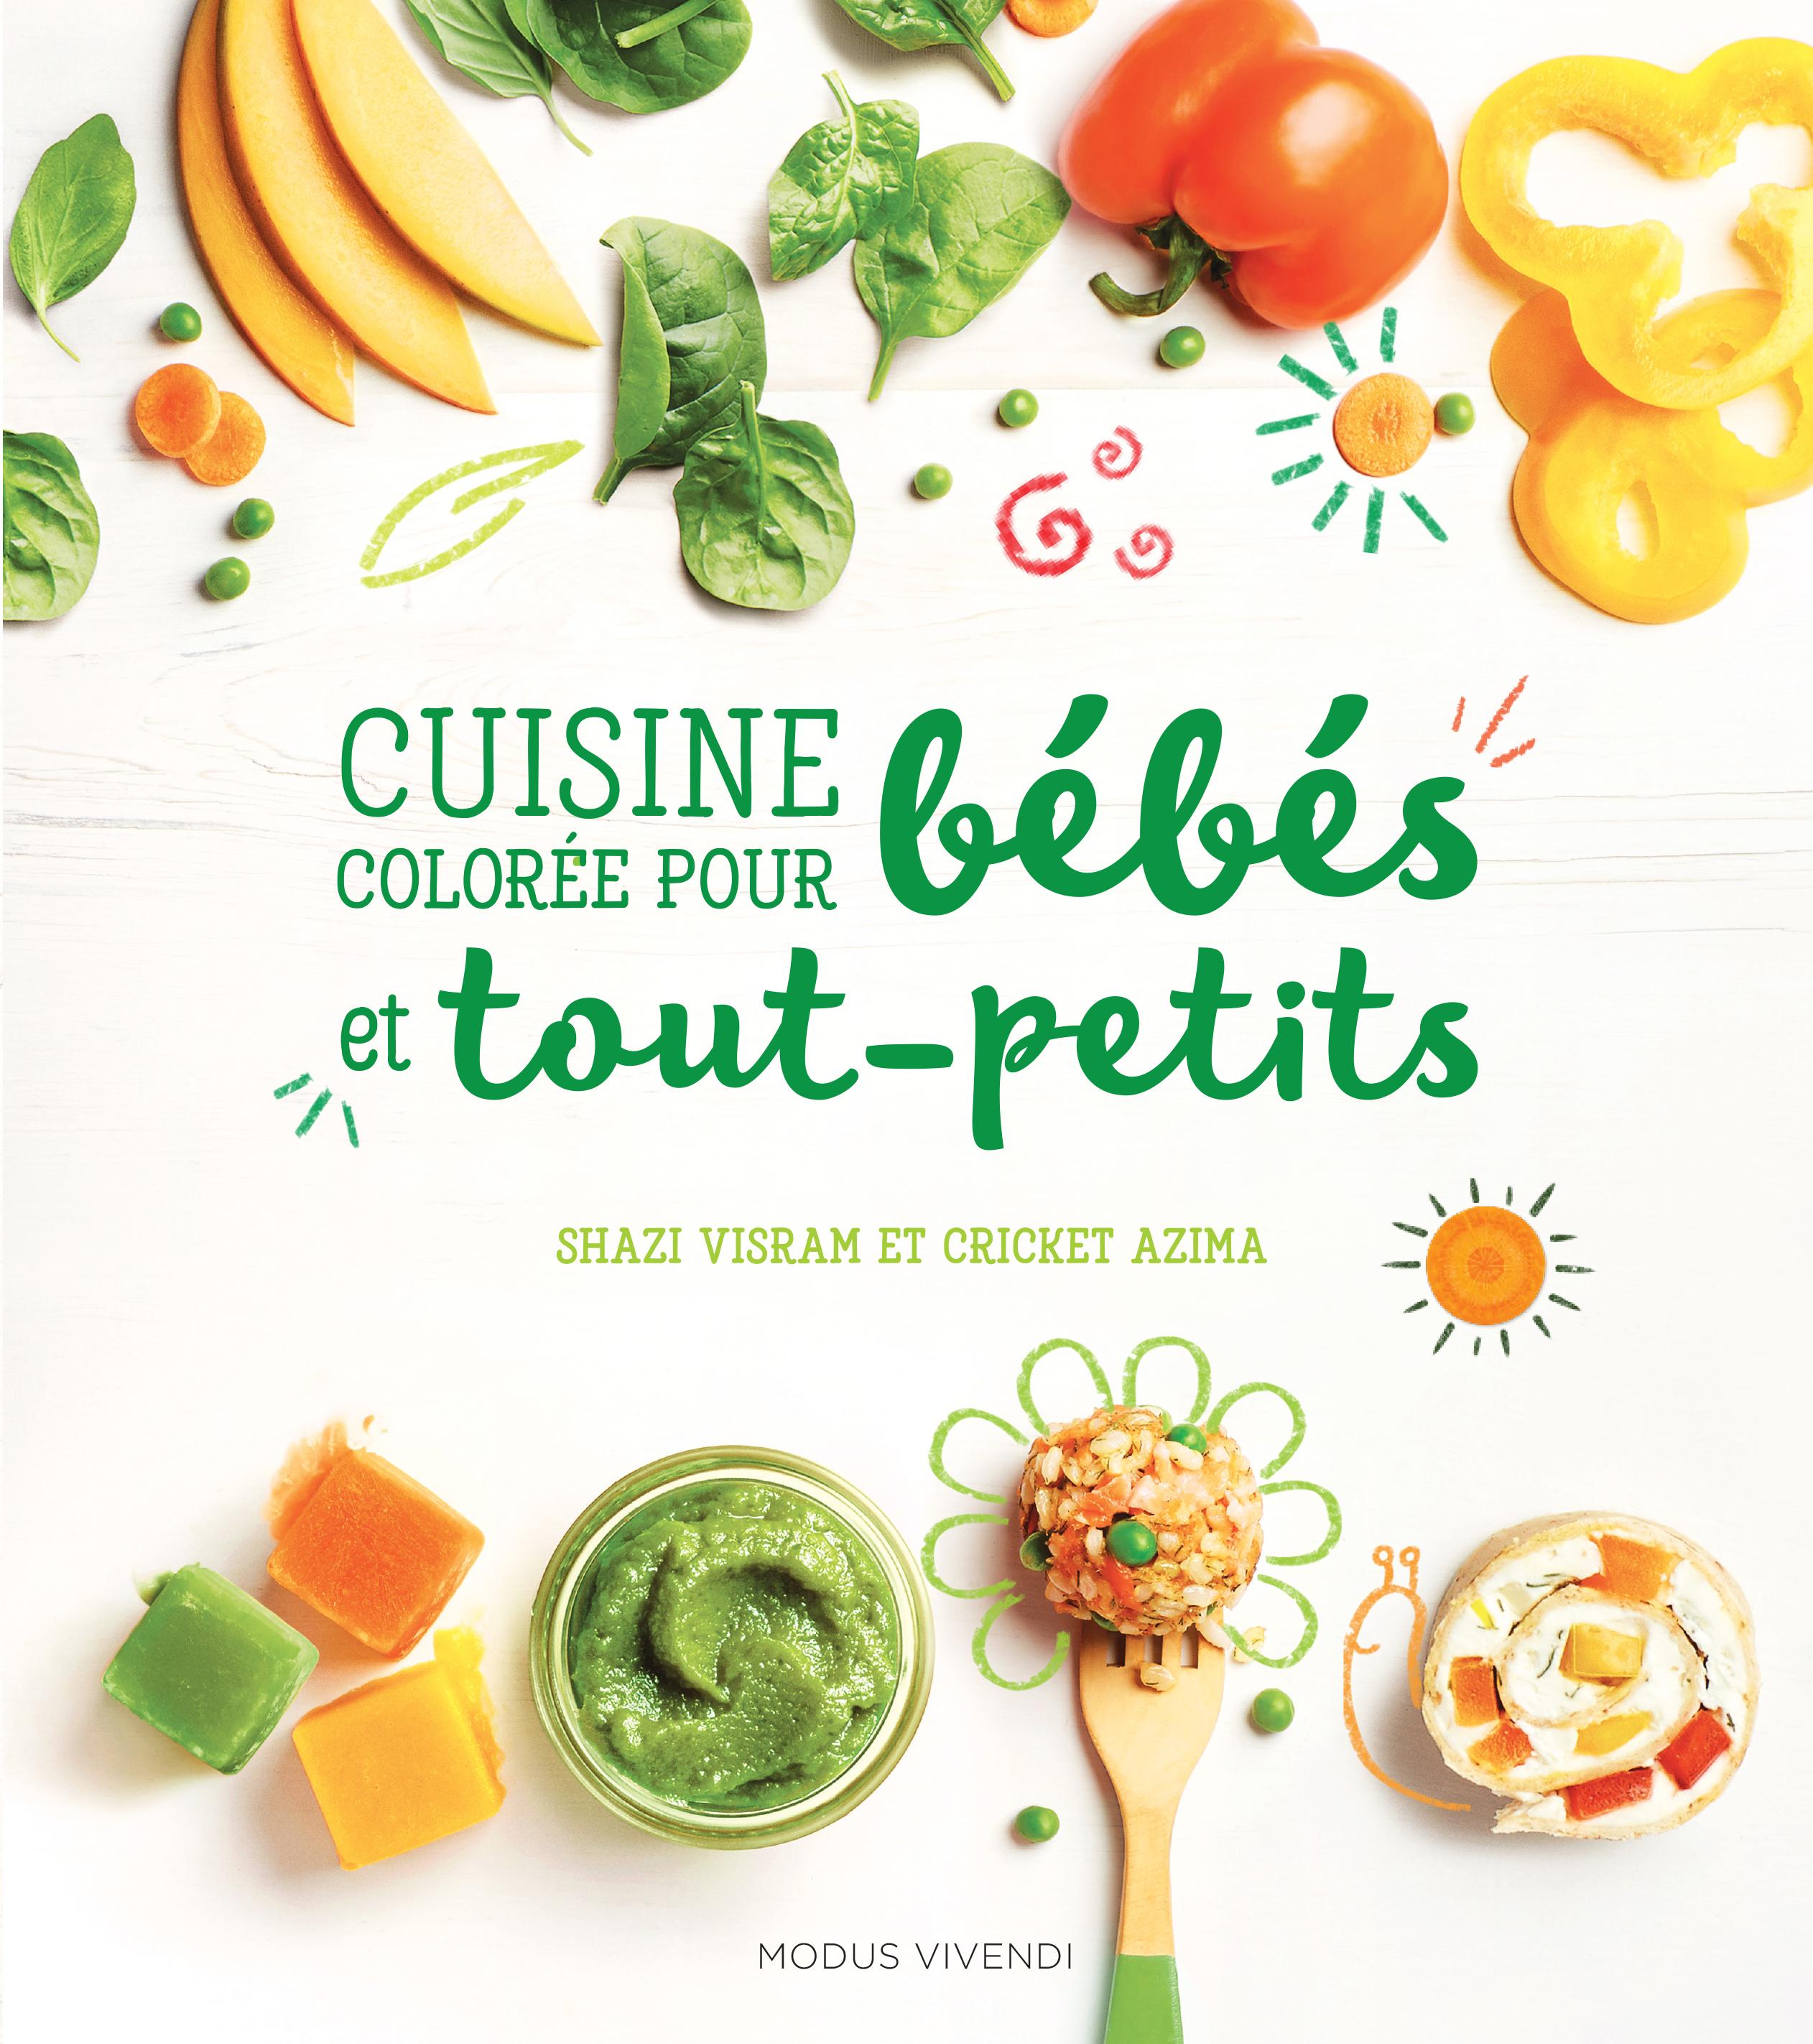 Cuisine pour bébés